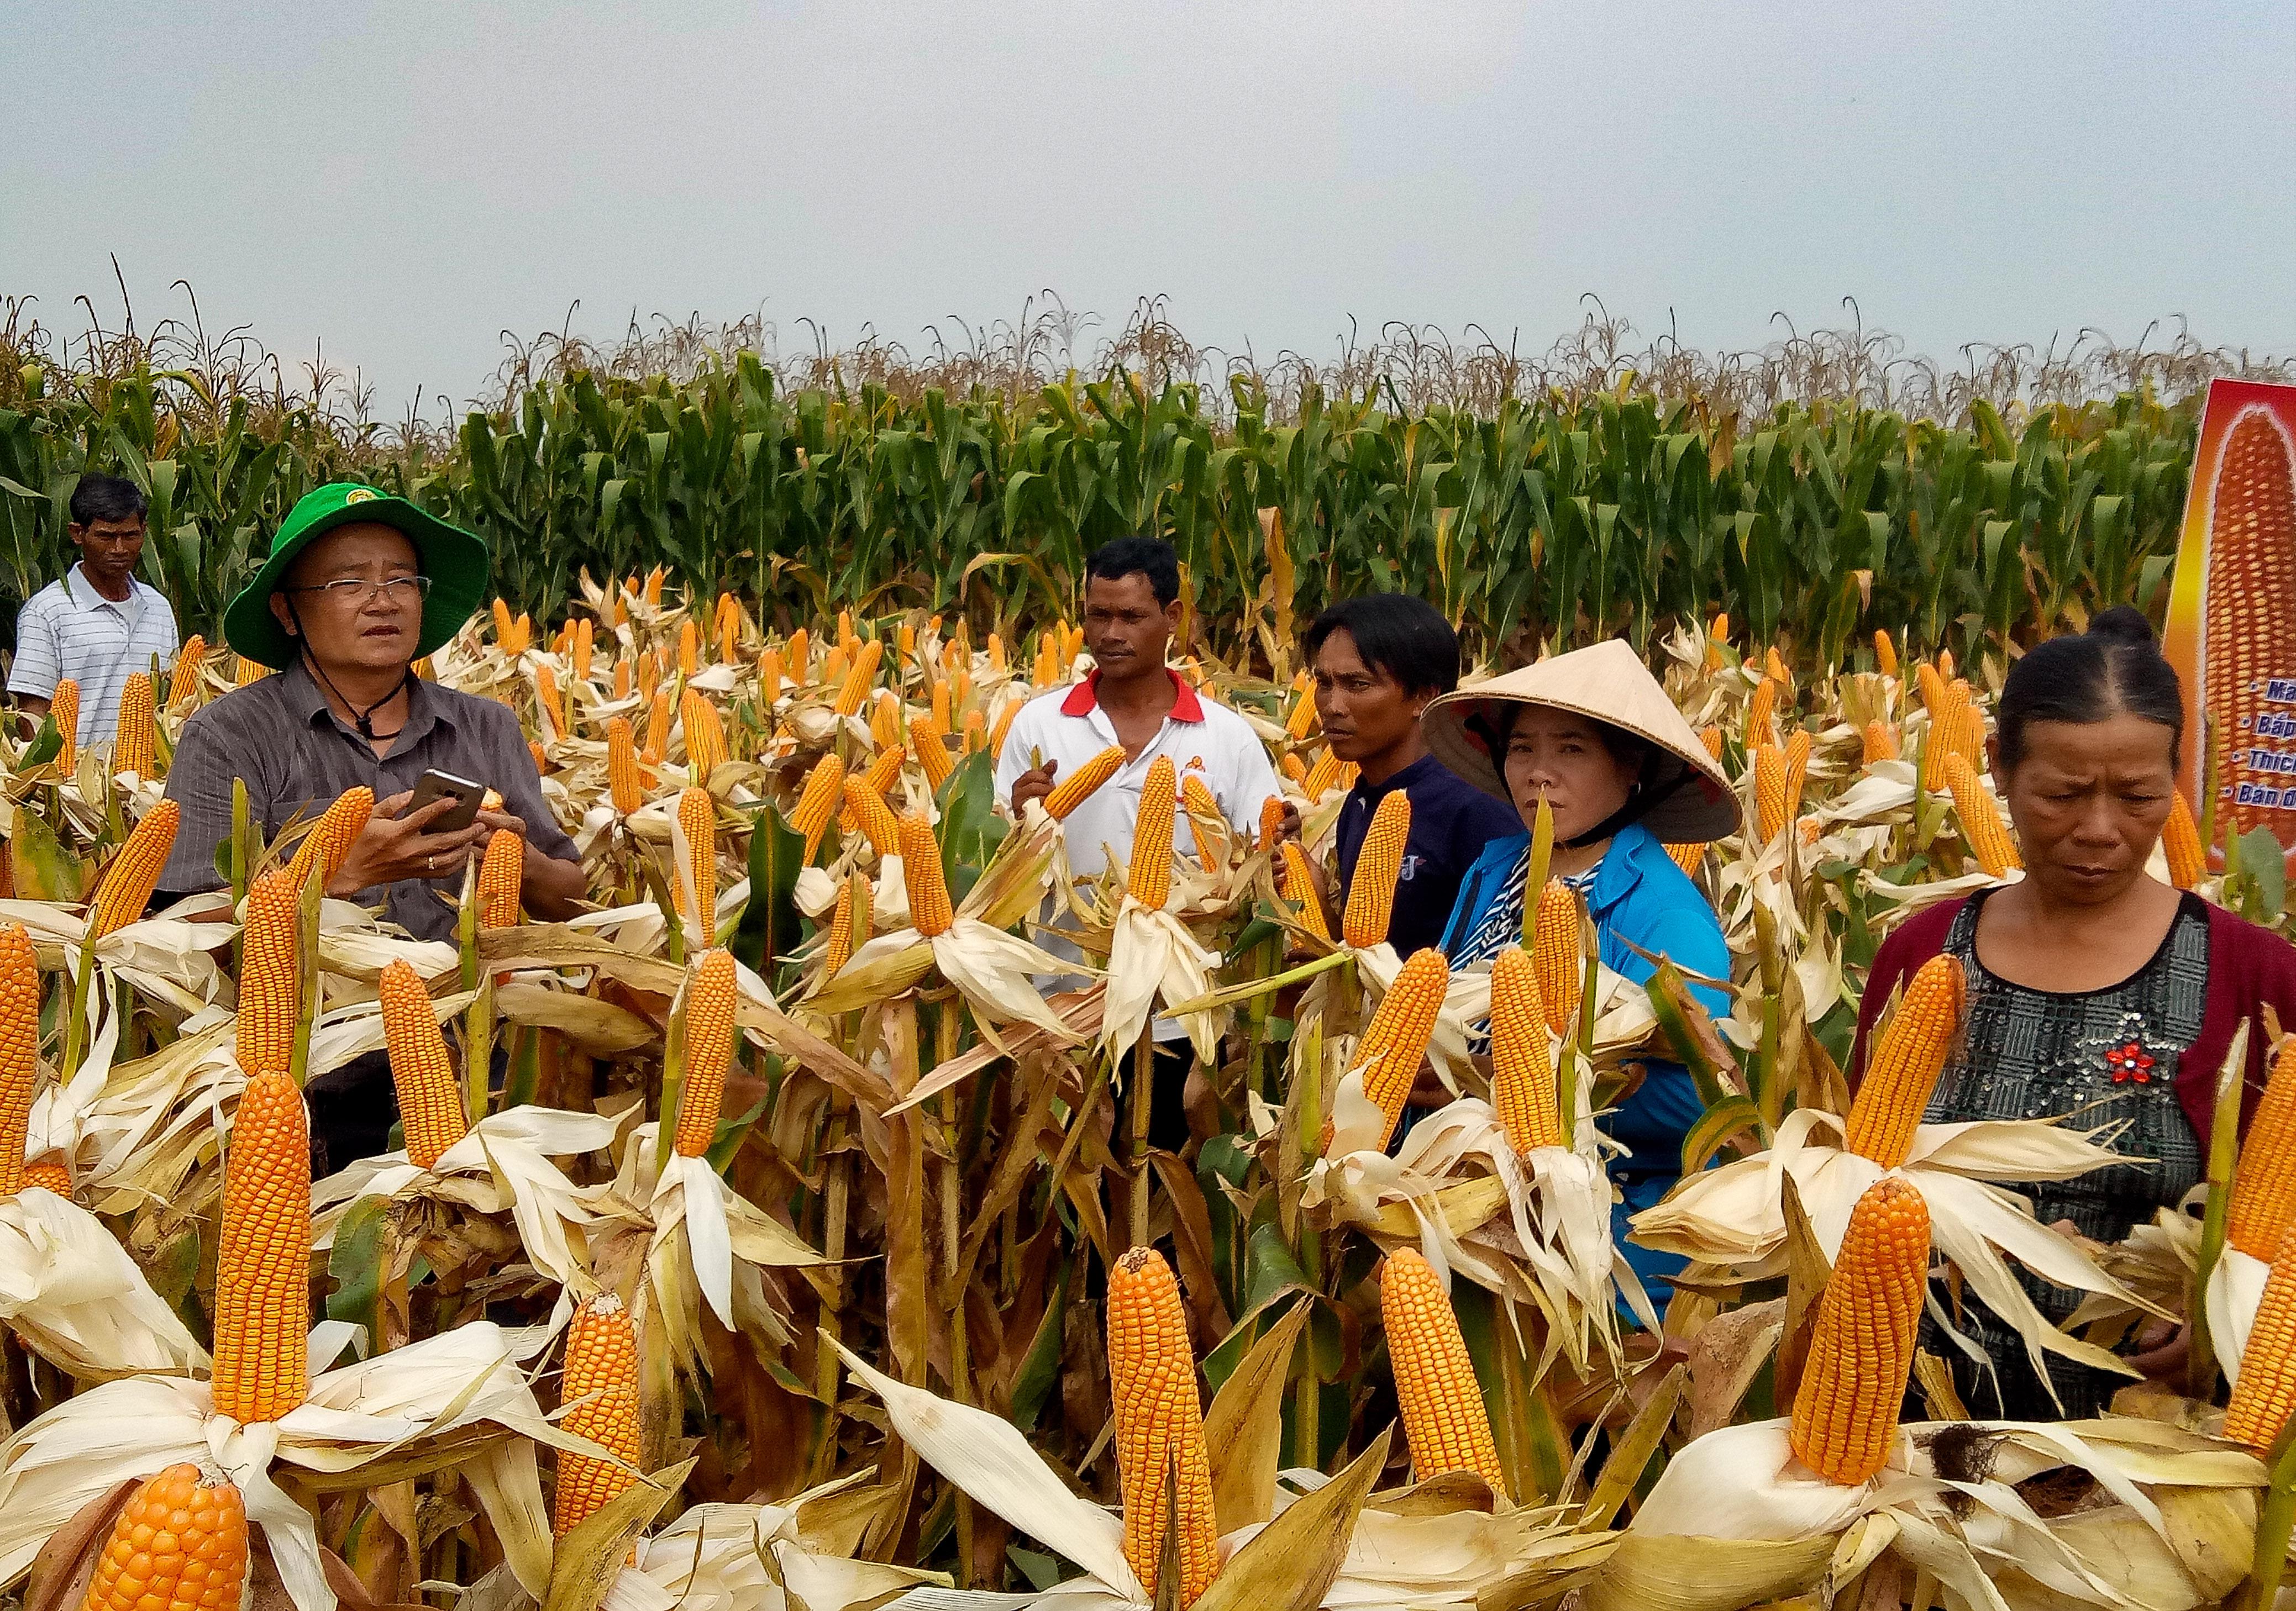 Hội thảo đầu bờ giống ngô lai PAC 779, PAC 789 ở Buôn M'liêng, huyện Lắk